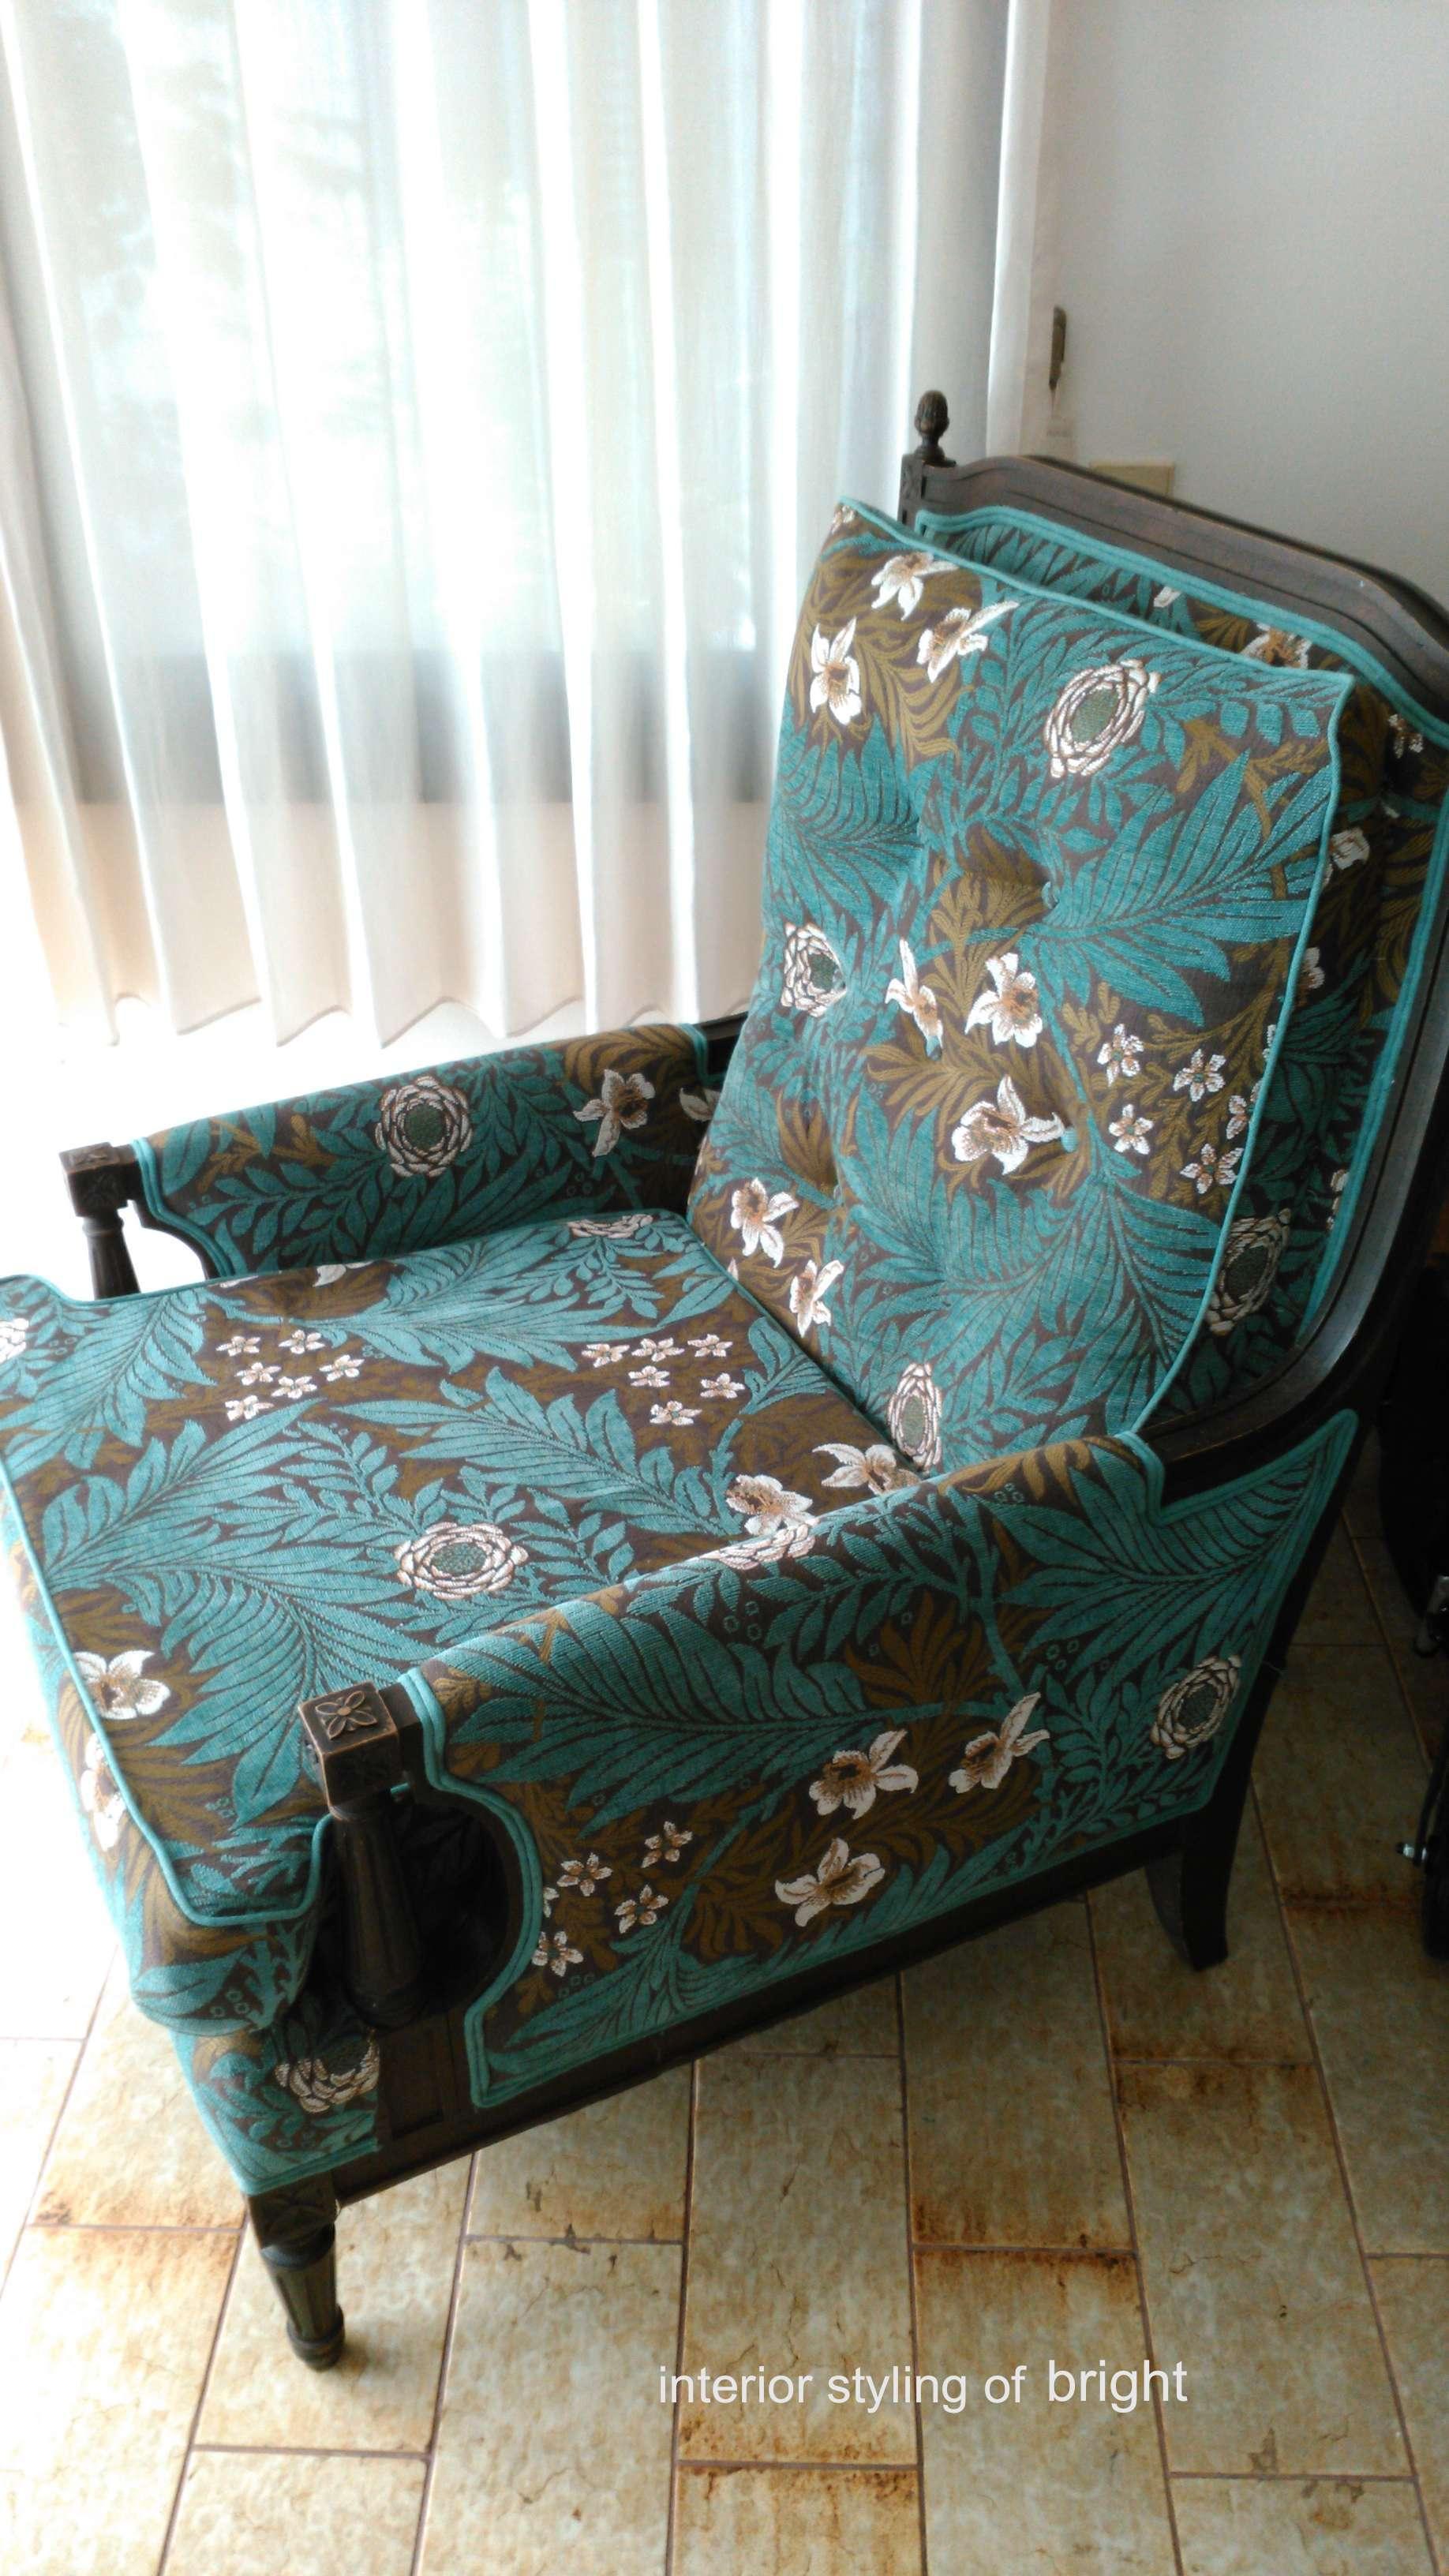 モリス 椅子張替『ラークスパー』 ウィリアムモリス正規販売店のブライト_c0157866_15063557.jpg